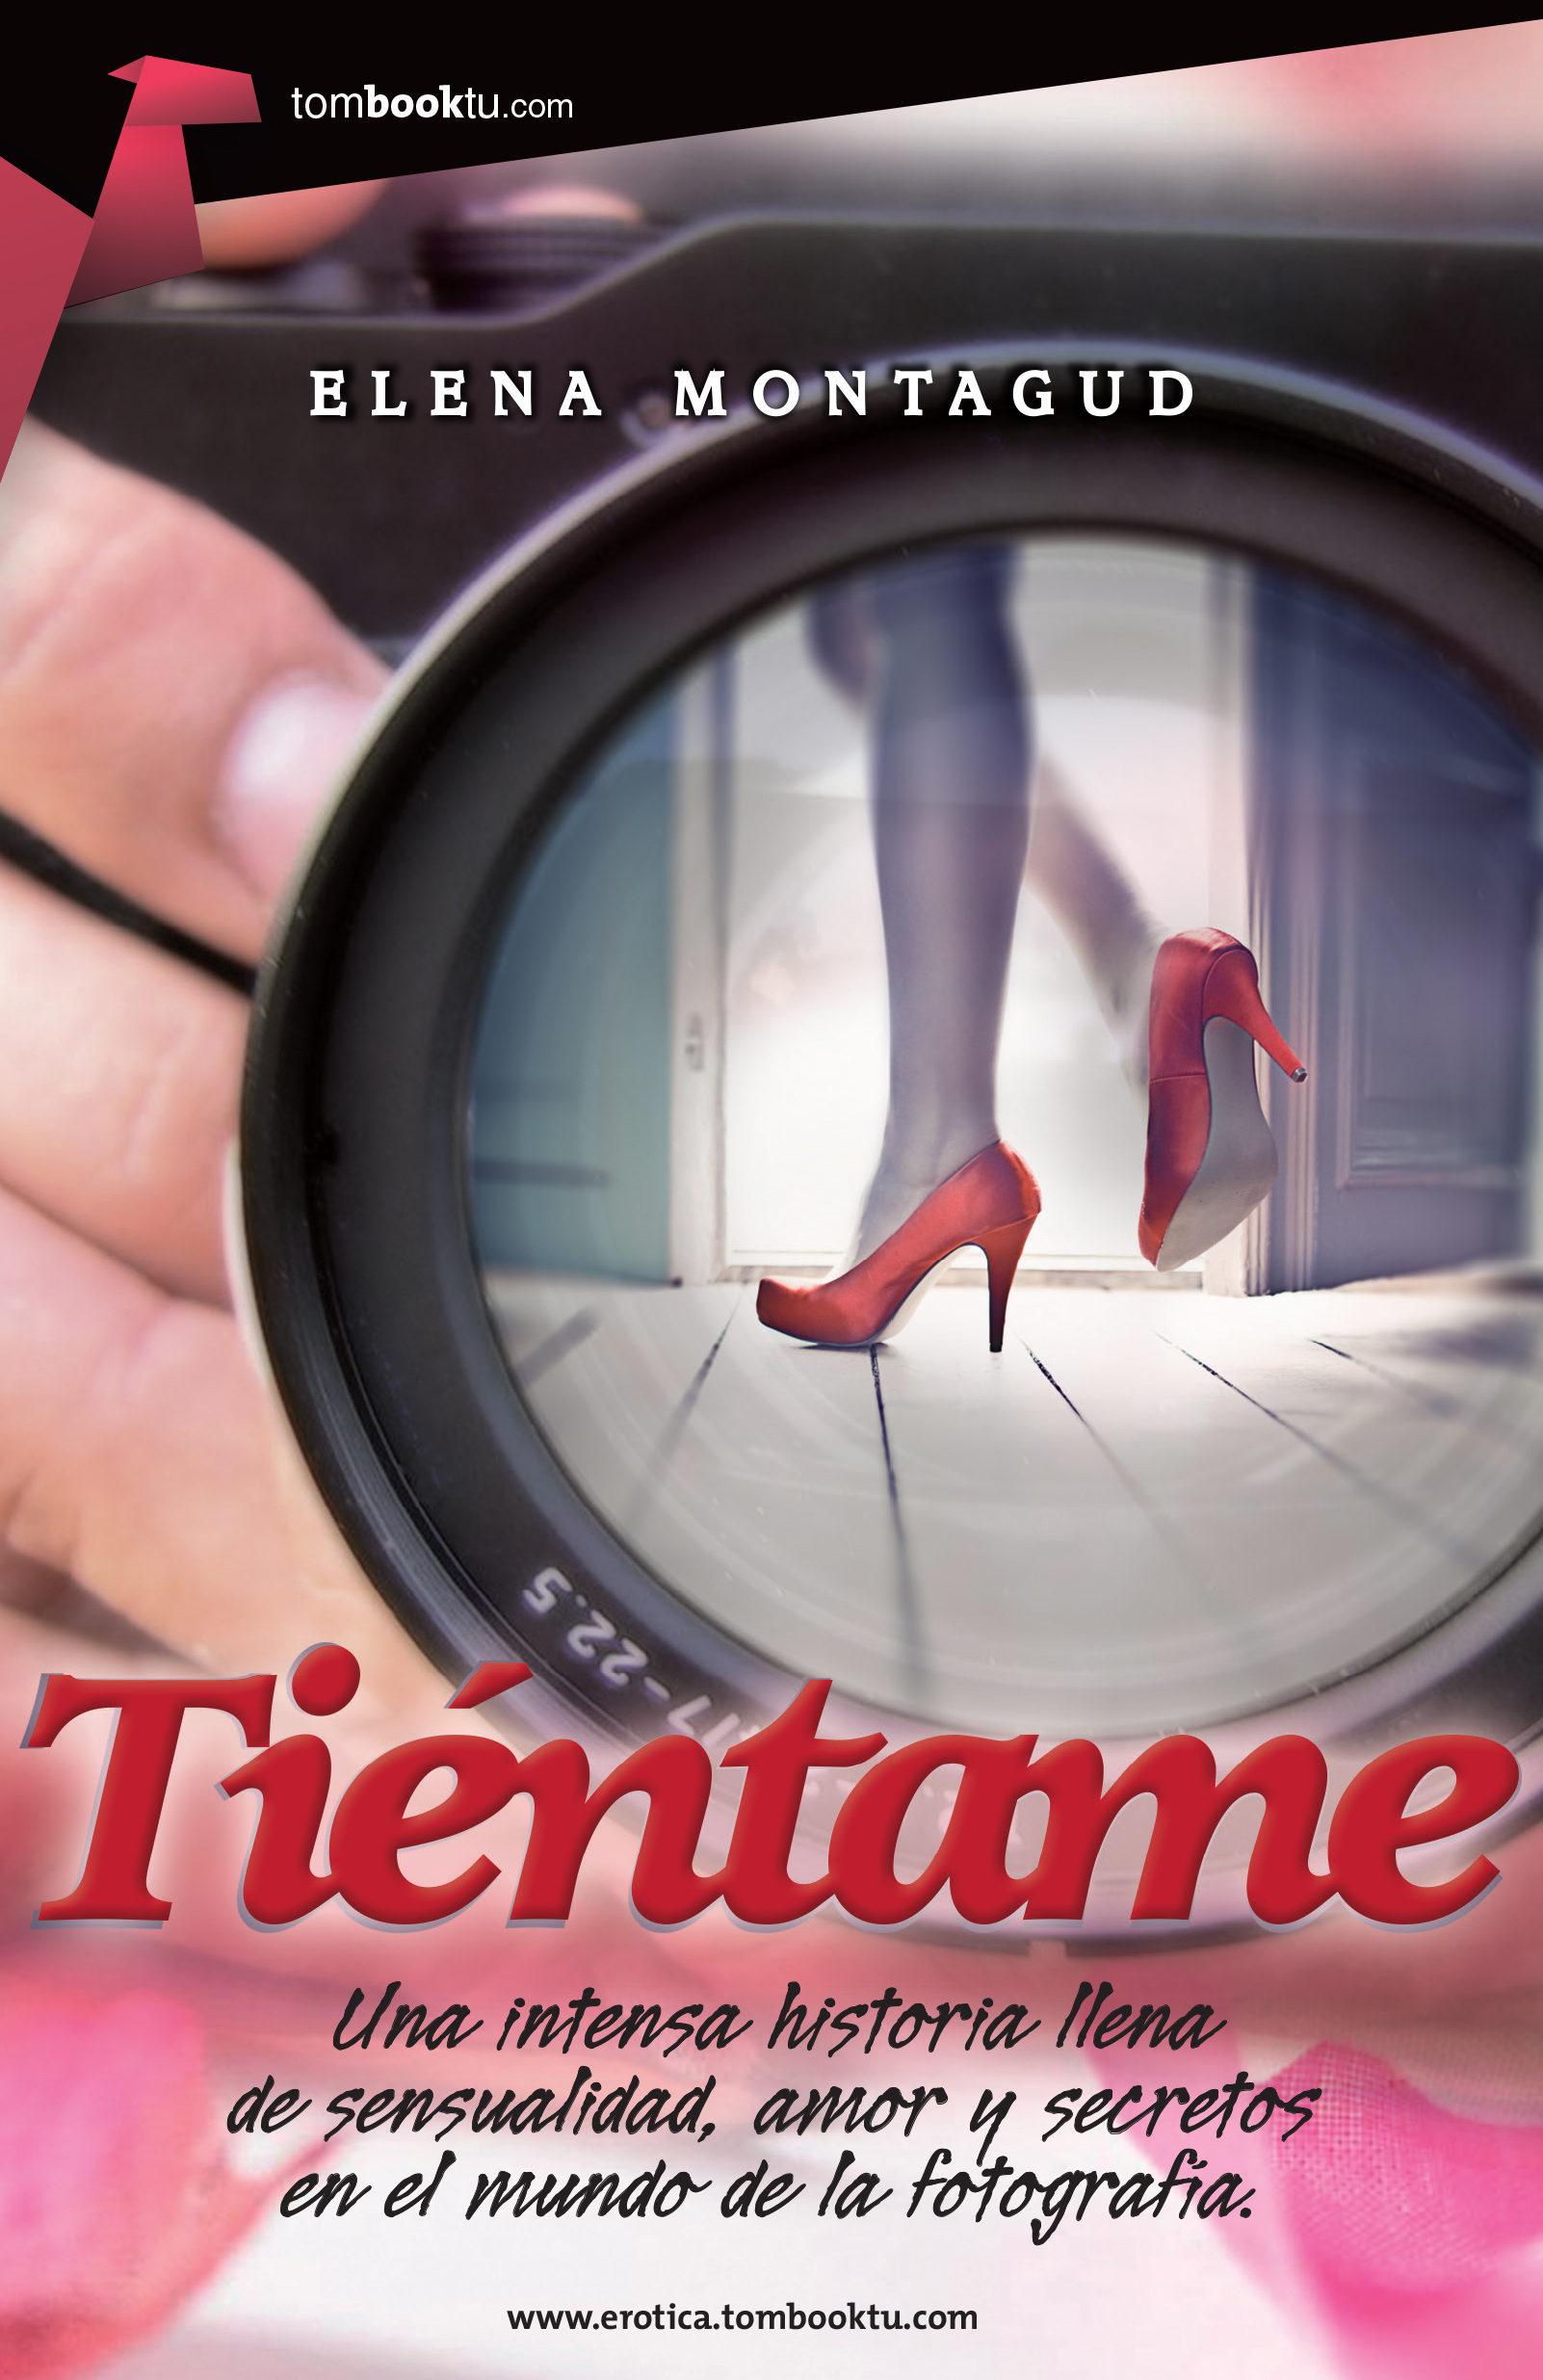 portada del libro Tiéntame